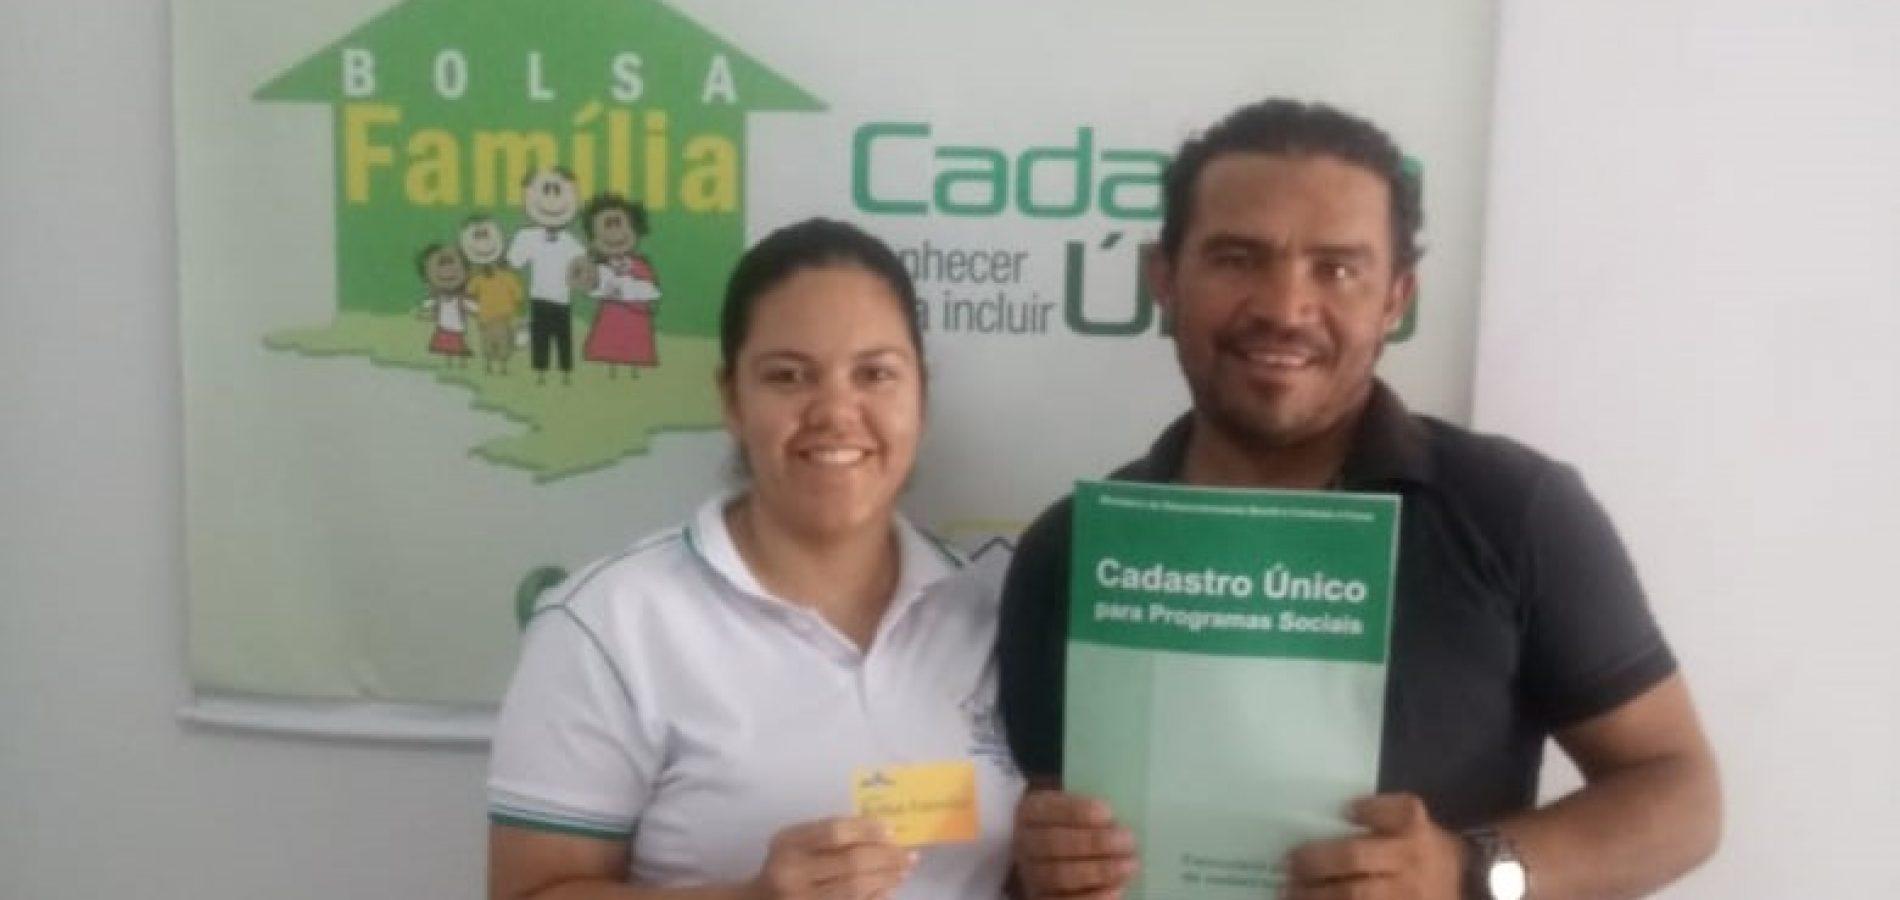 Em Fronteiras, aposentado solicita desligamento voluntário do Bolsa Família